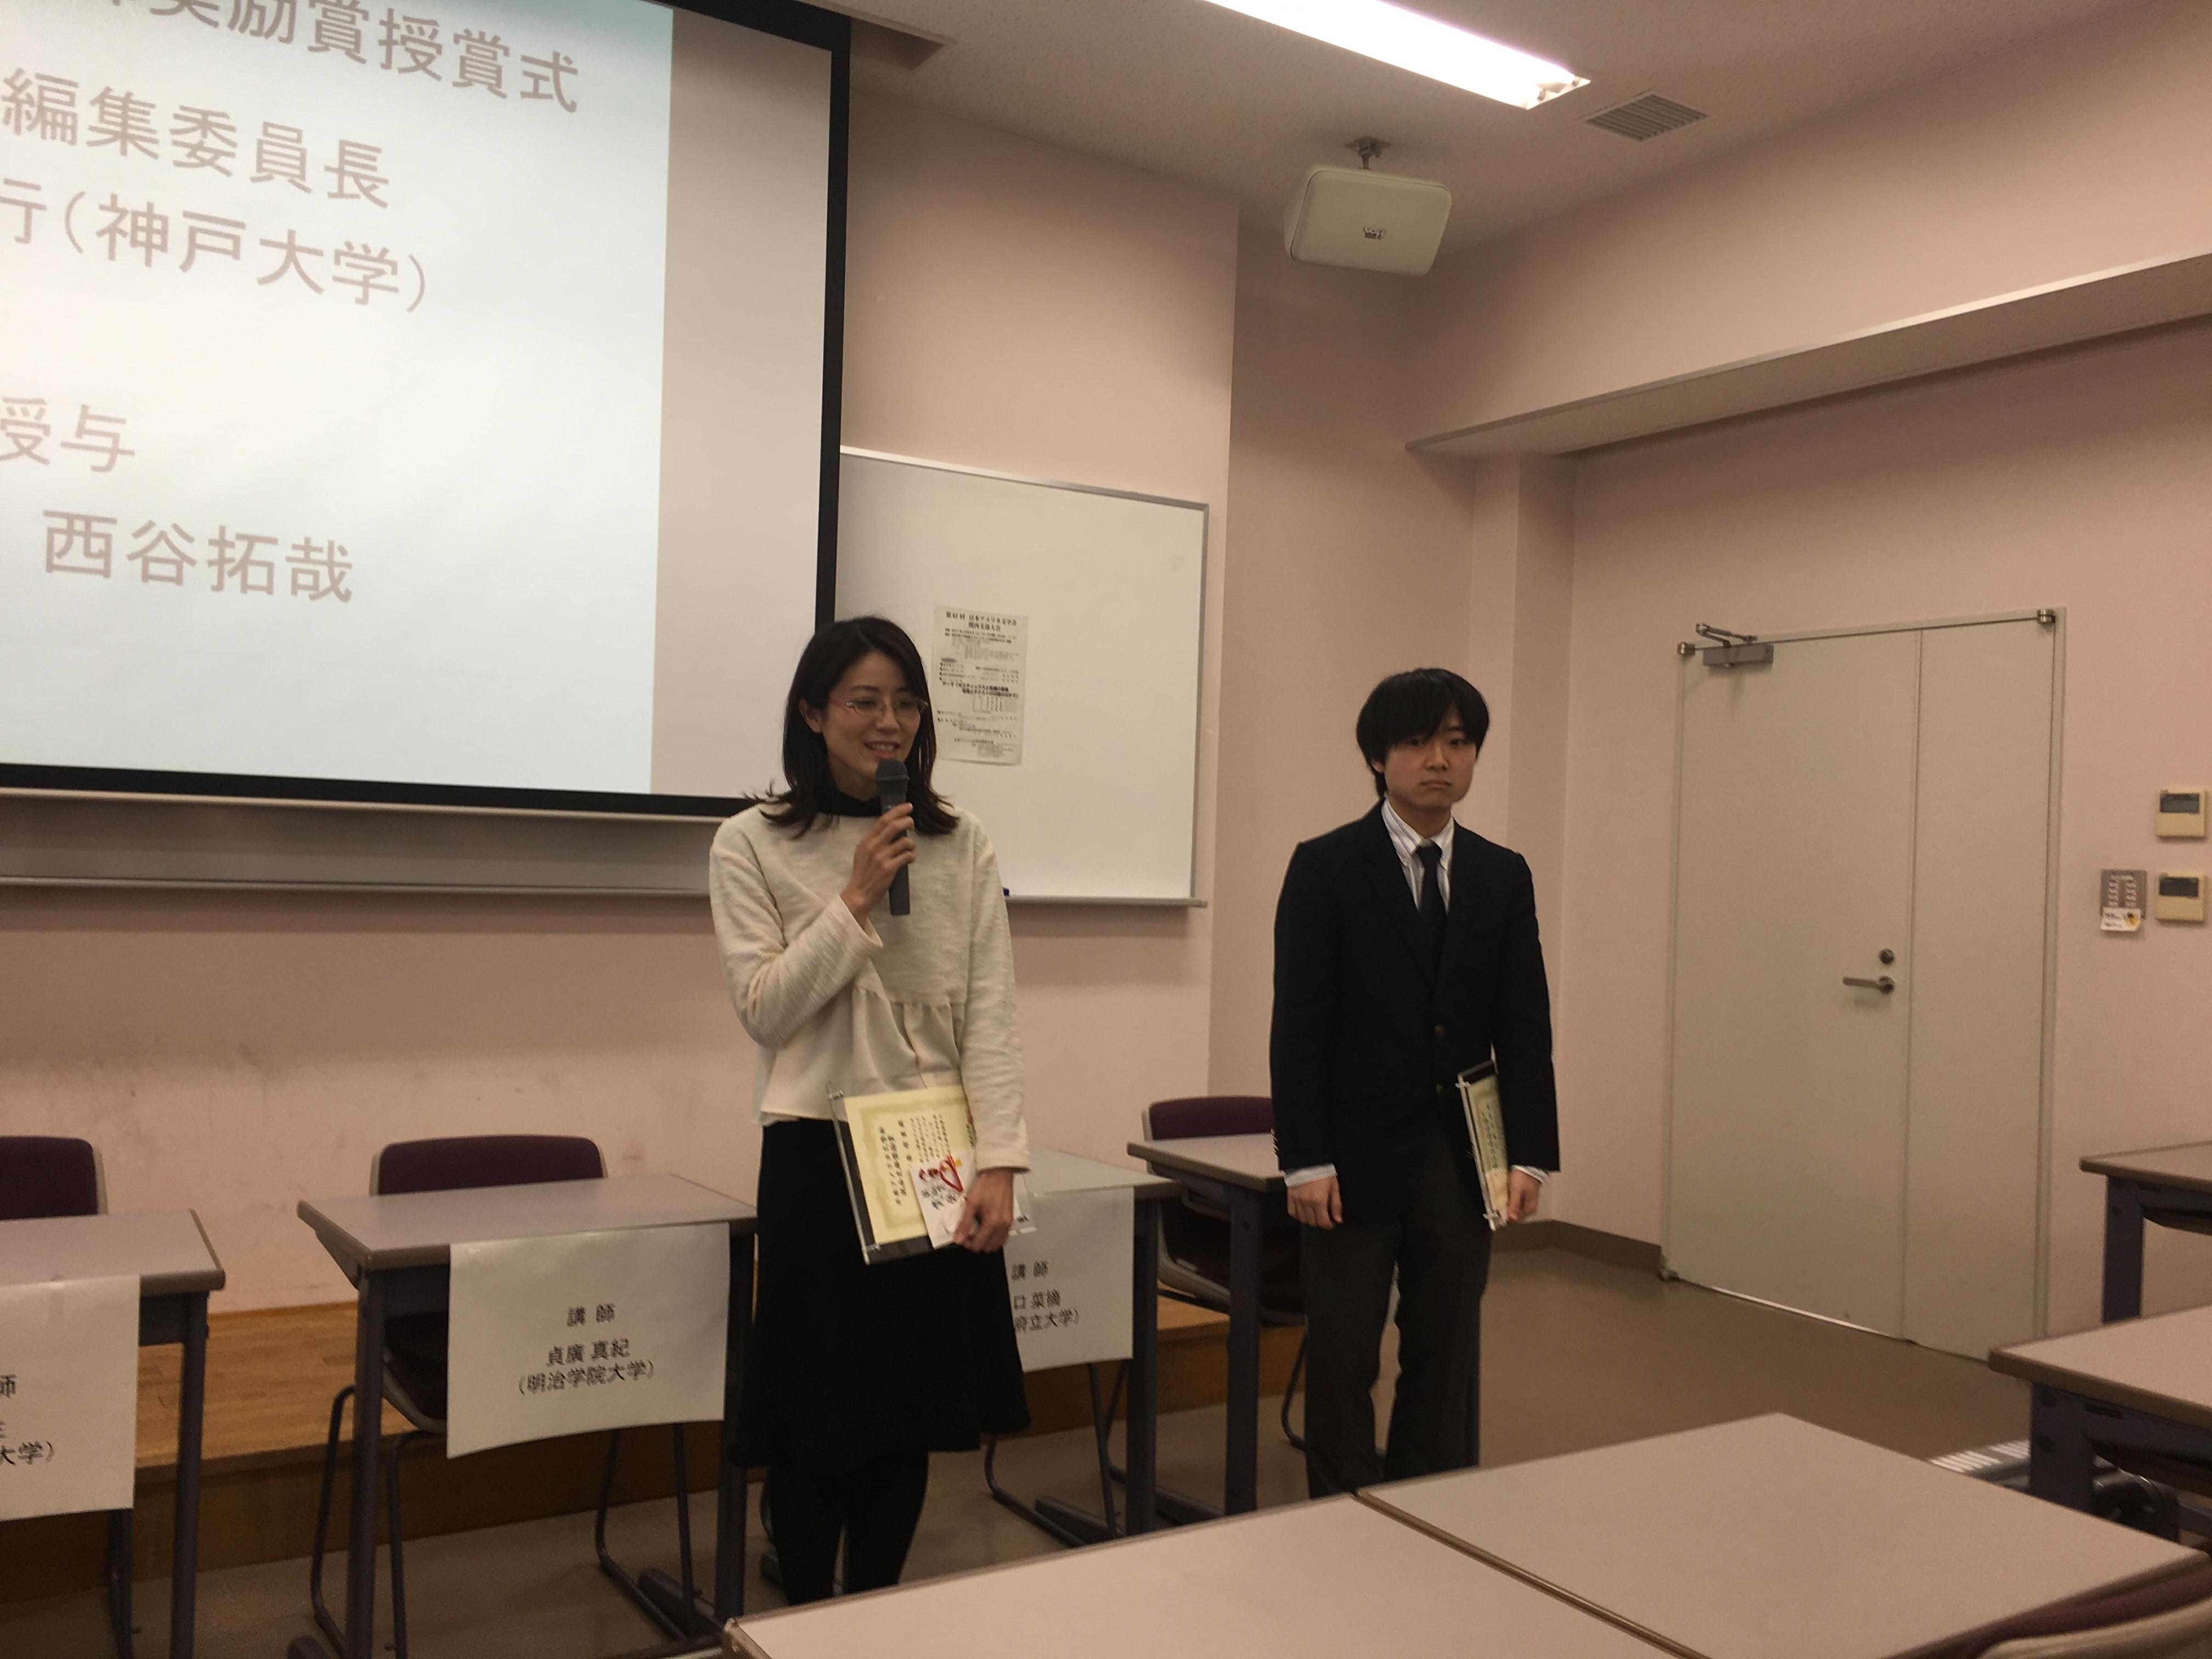 今回受賞された柳楽氏と近藤氏